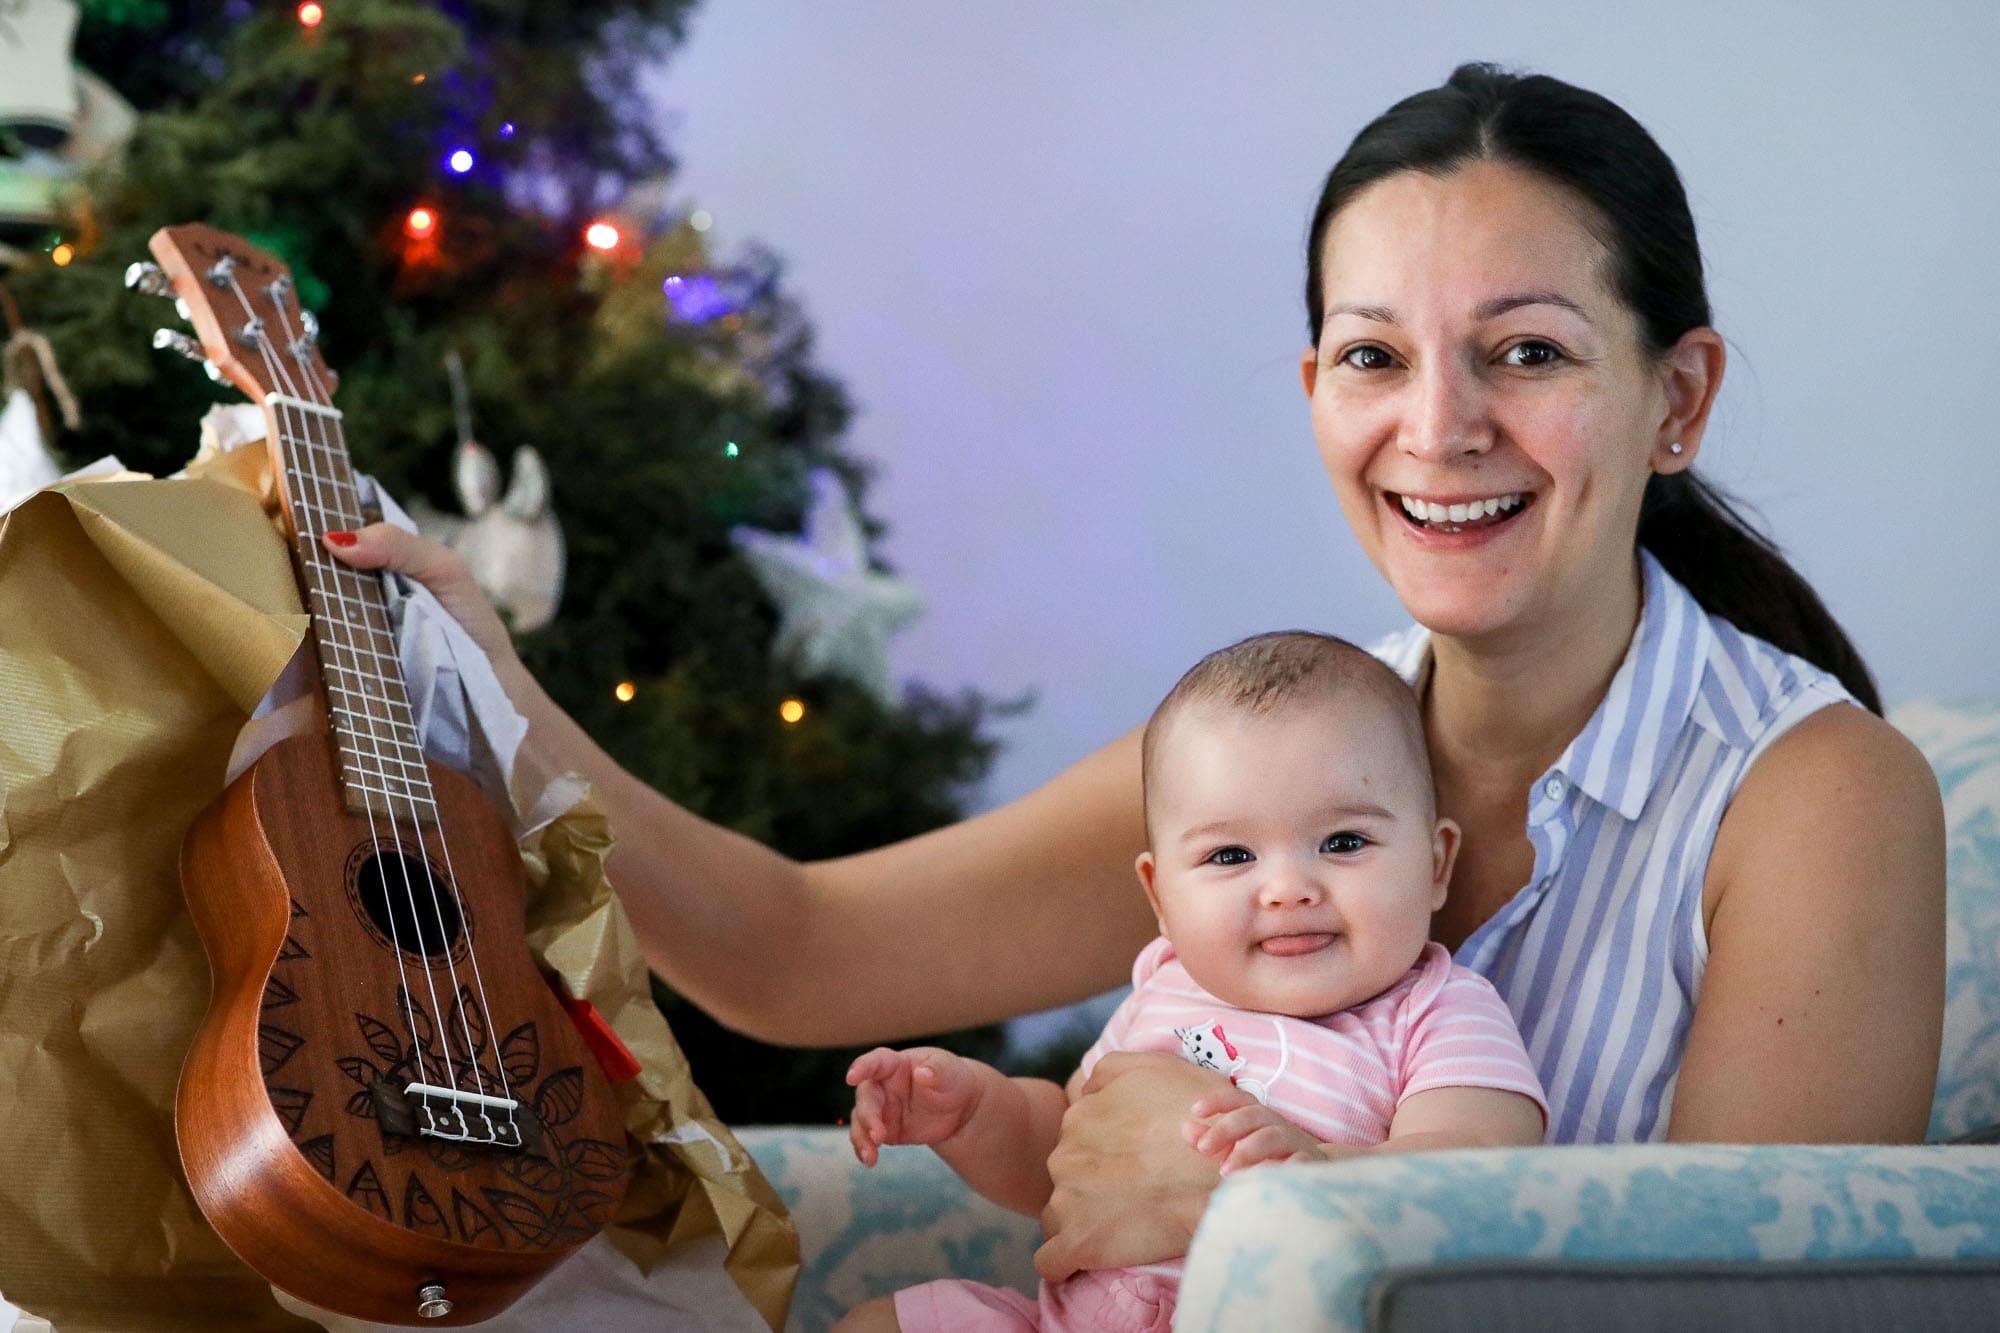 baby with ukulele